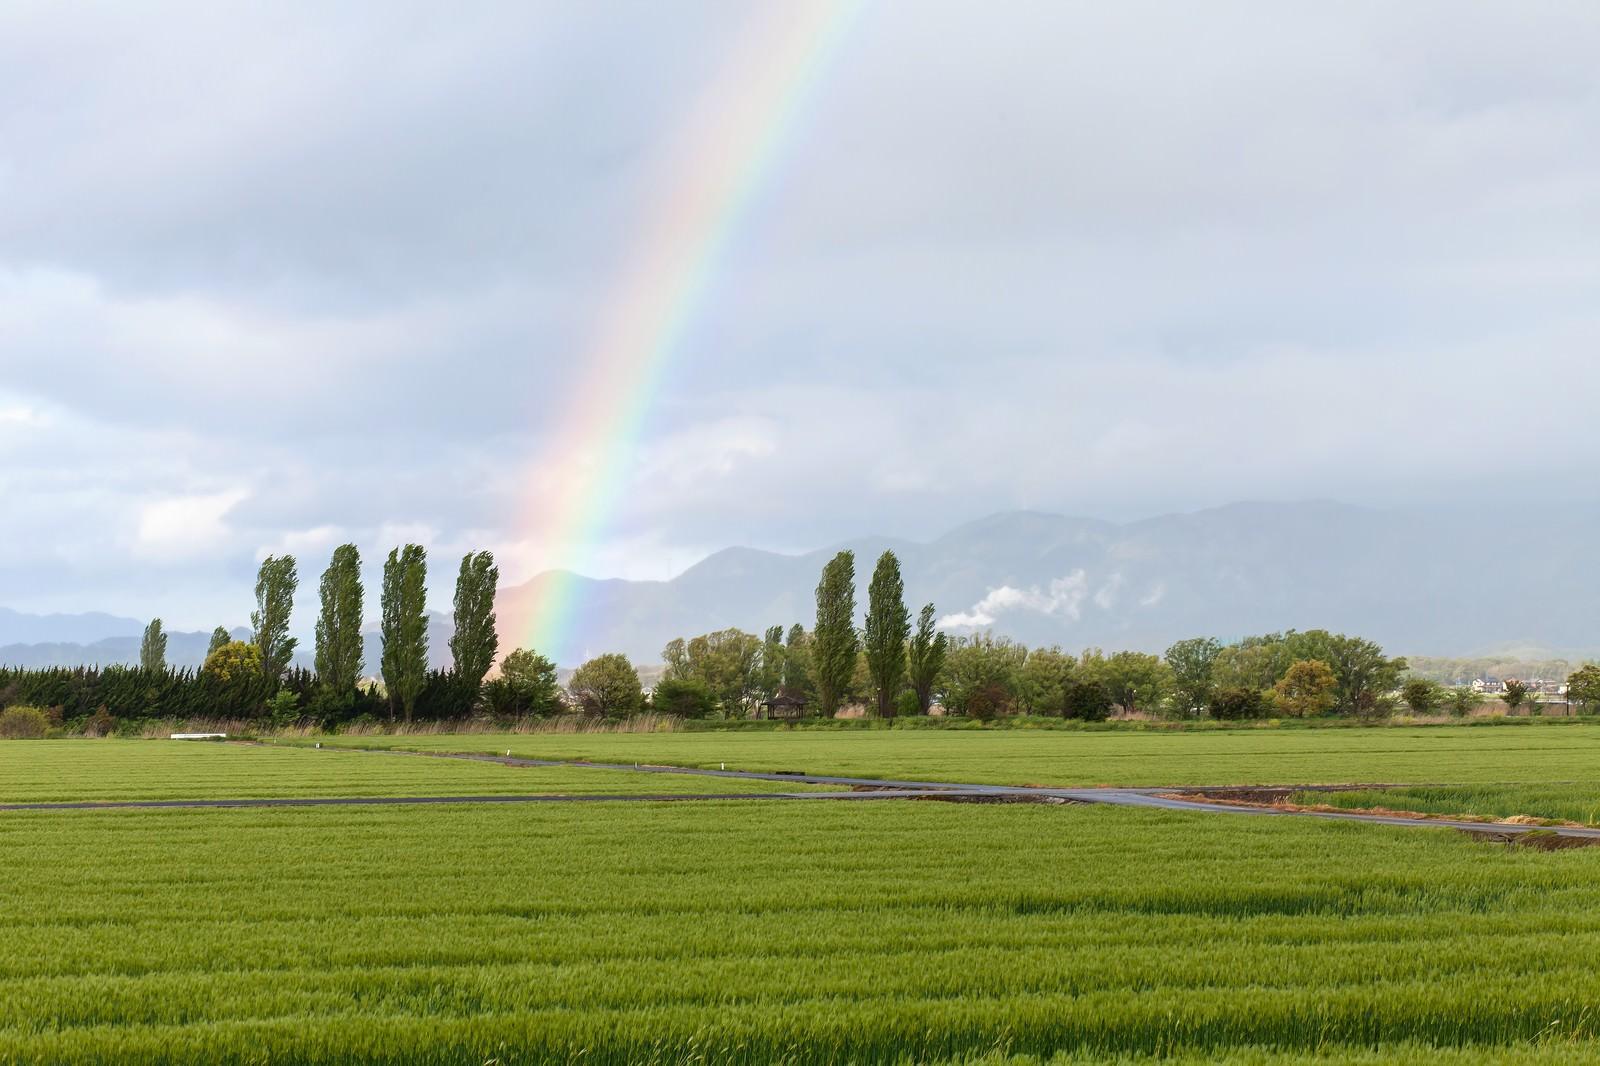 「田んぼからの虹田んぼからの虹」のフリー写真素材を拡大